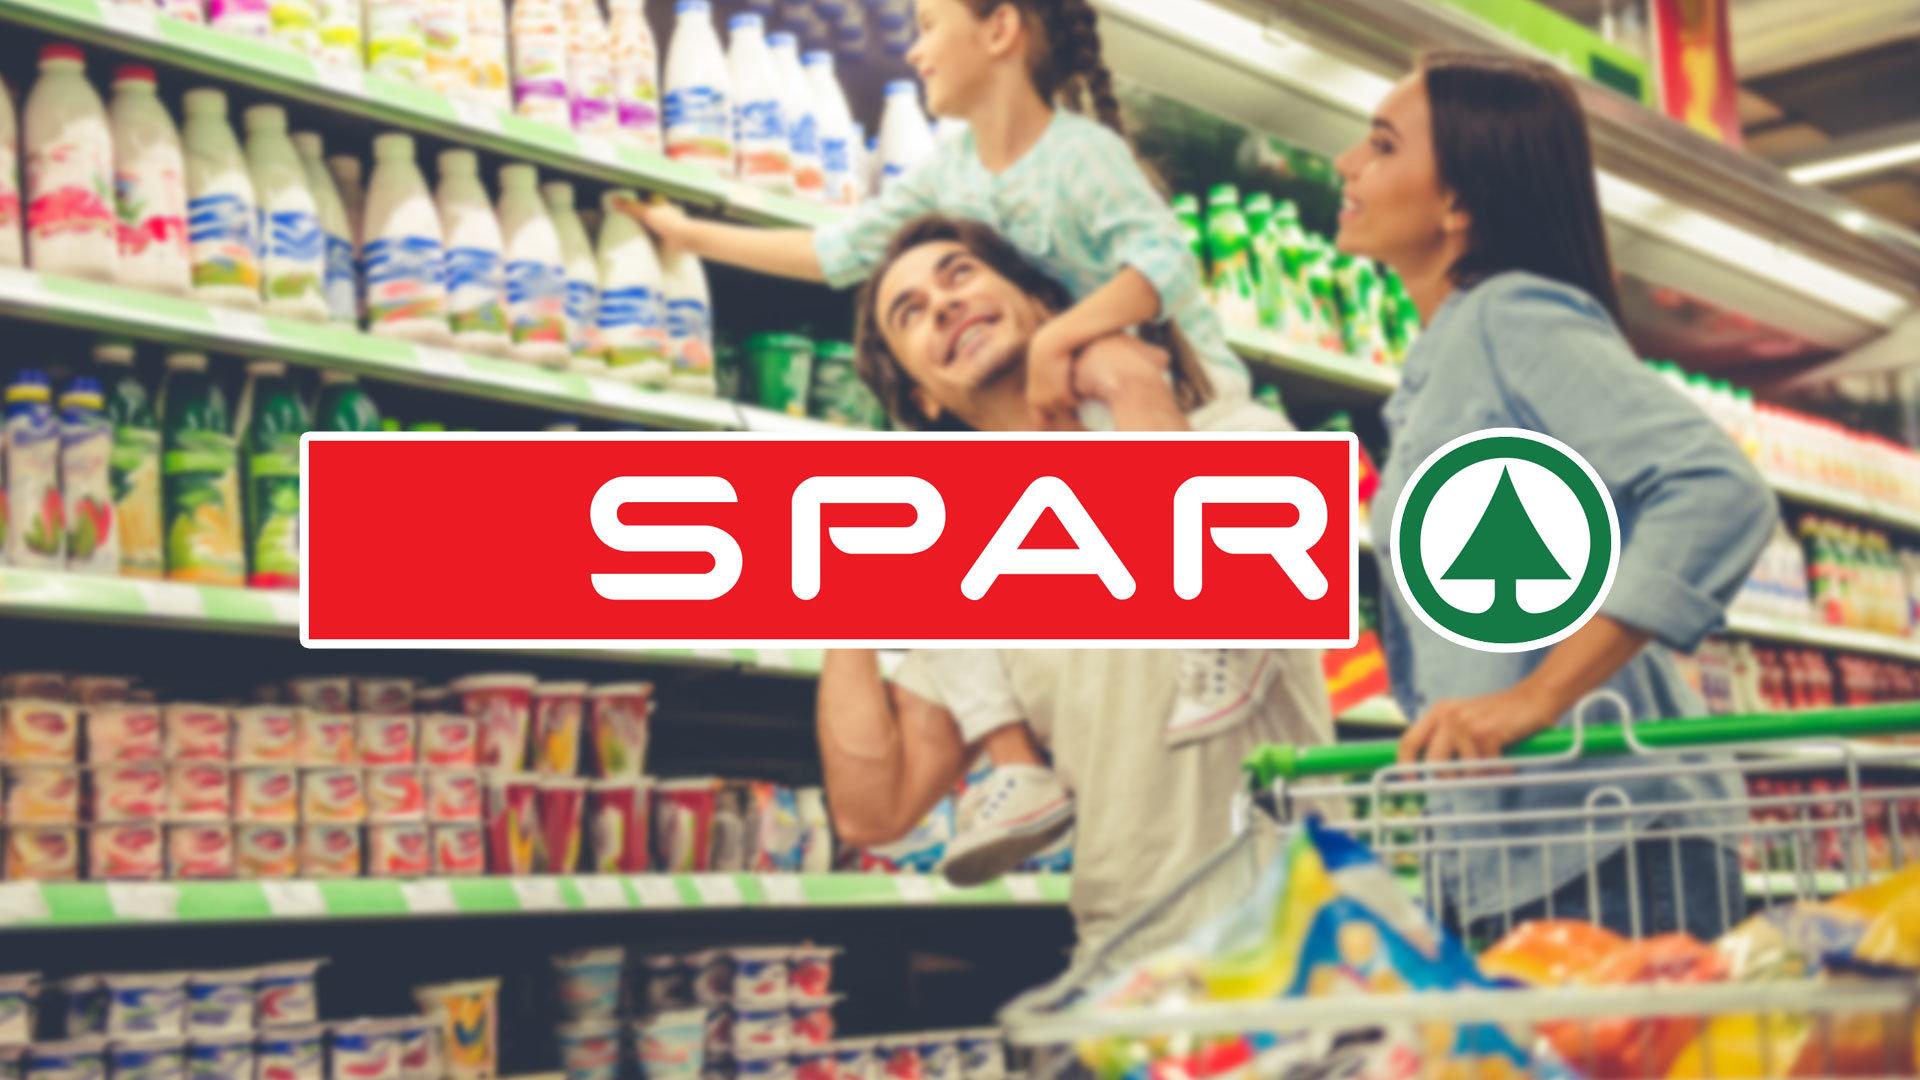 Brisbane South Spar Supermarket For Sale